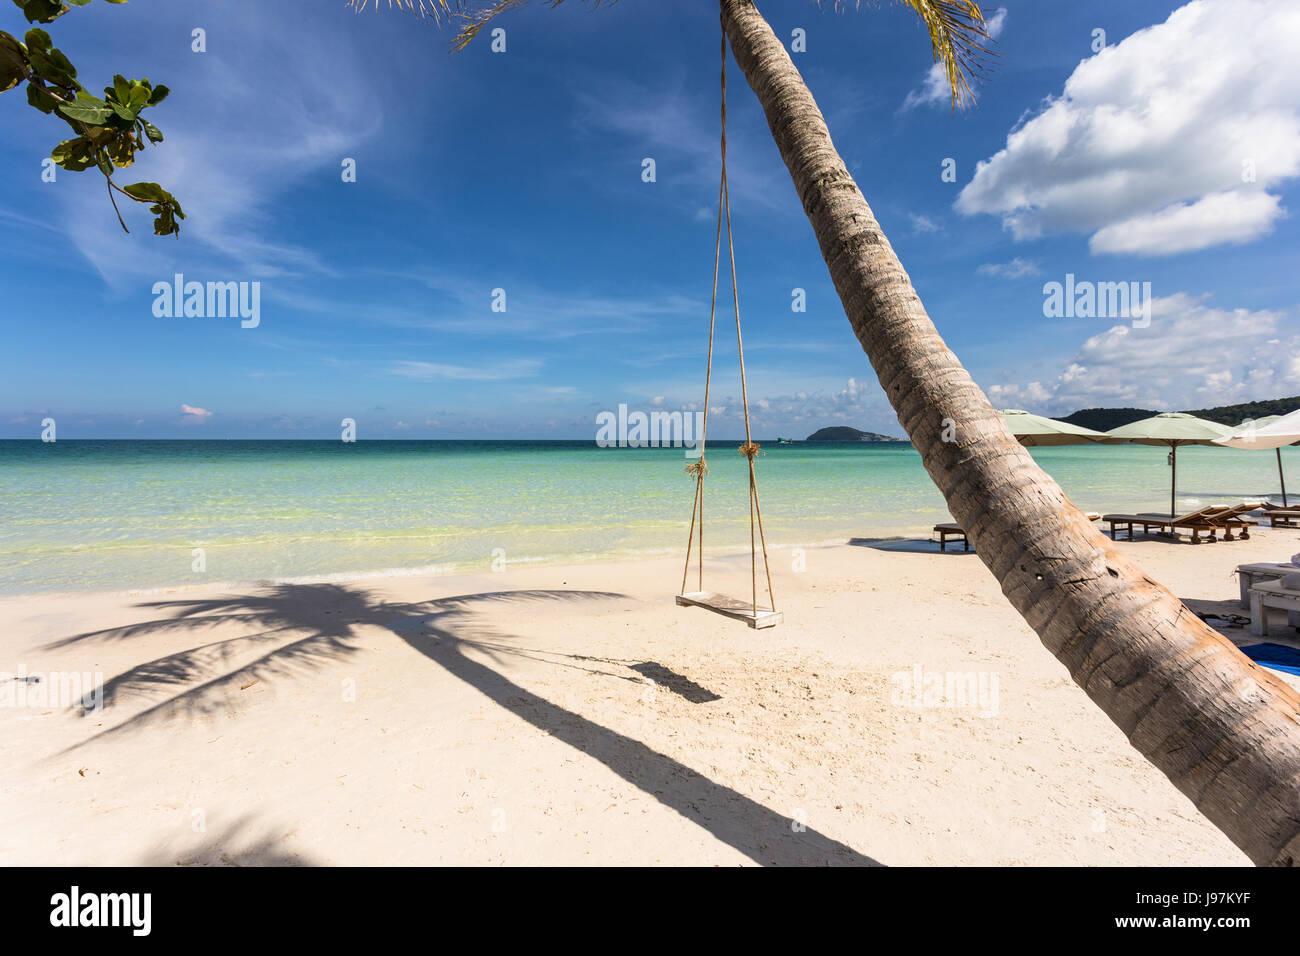 Swing conectado a una palmera en la idílica playa de Bai Sao en la isla de Phu Quoc en Vietnam, en el Golfo Imagen De Stock